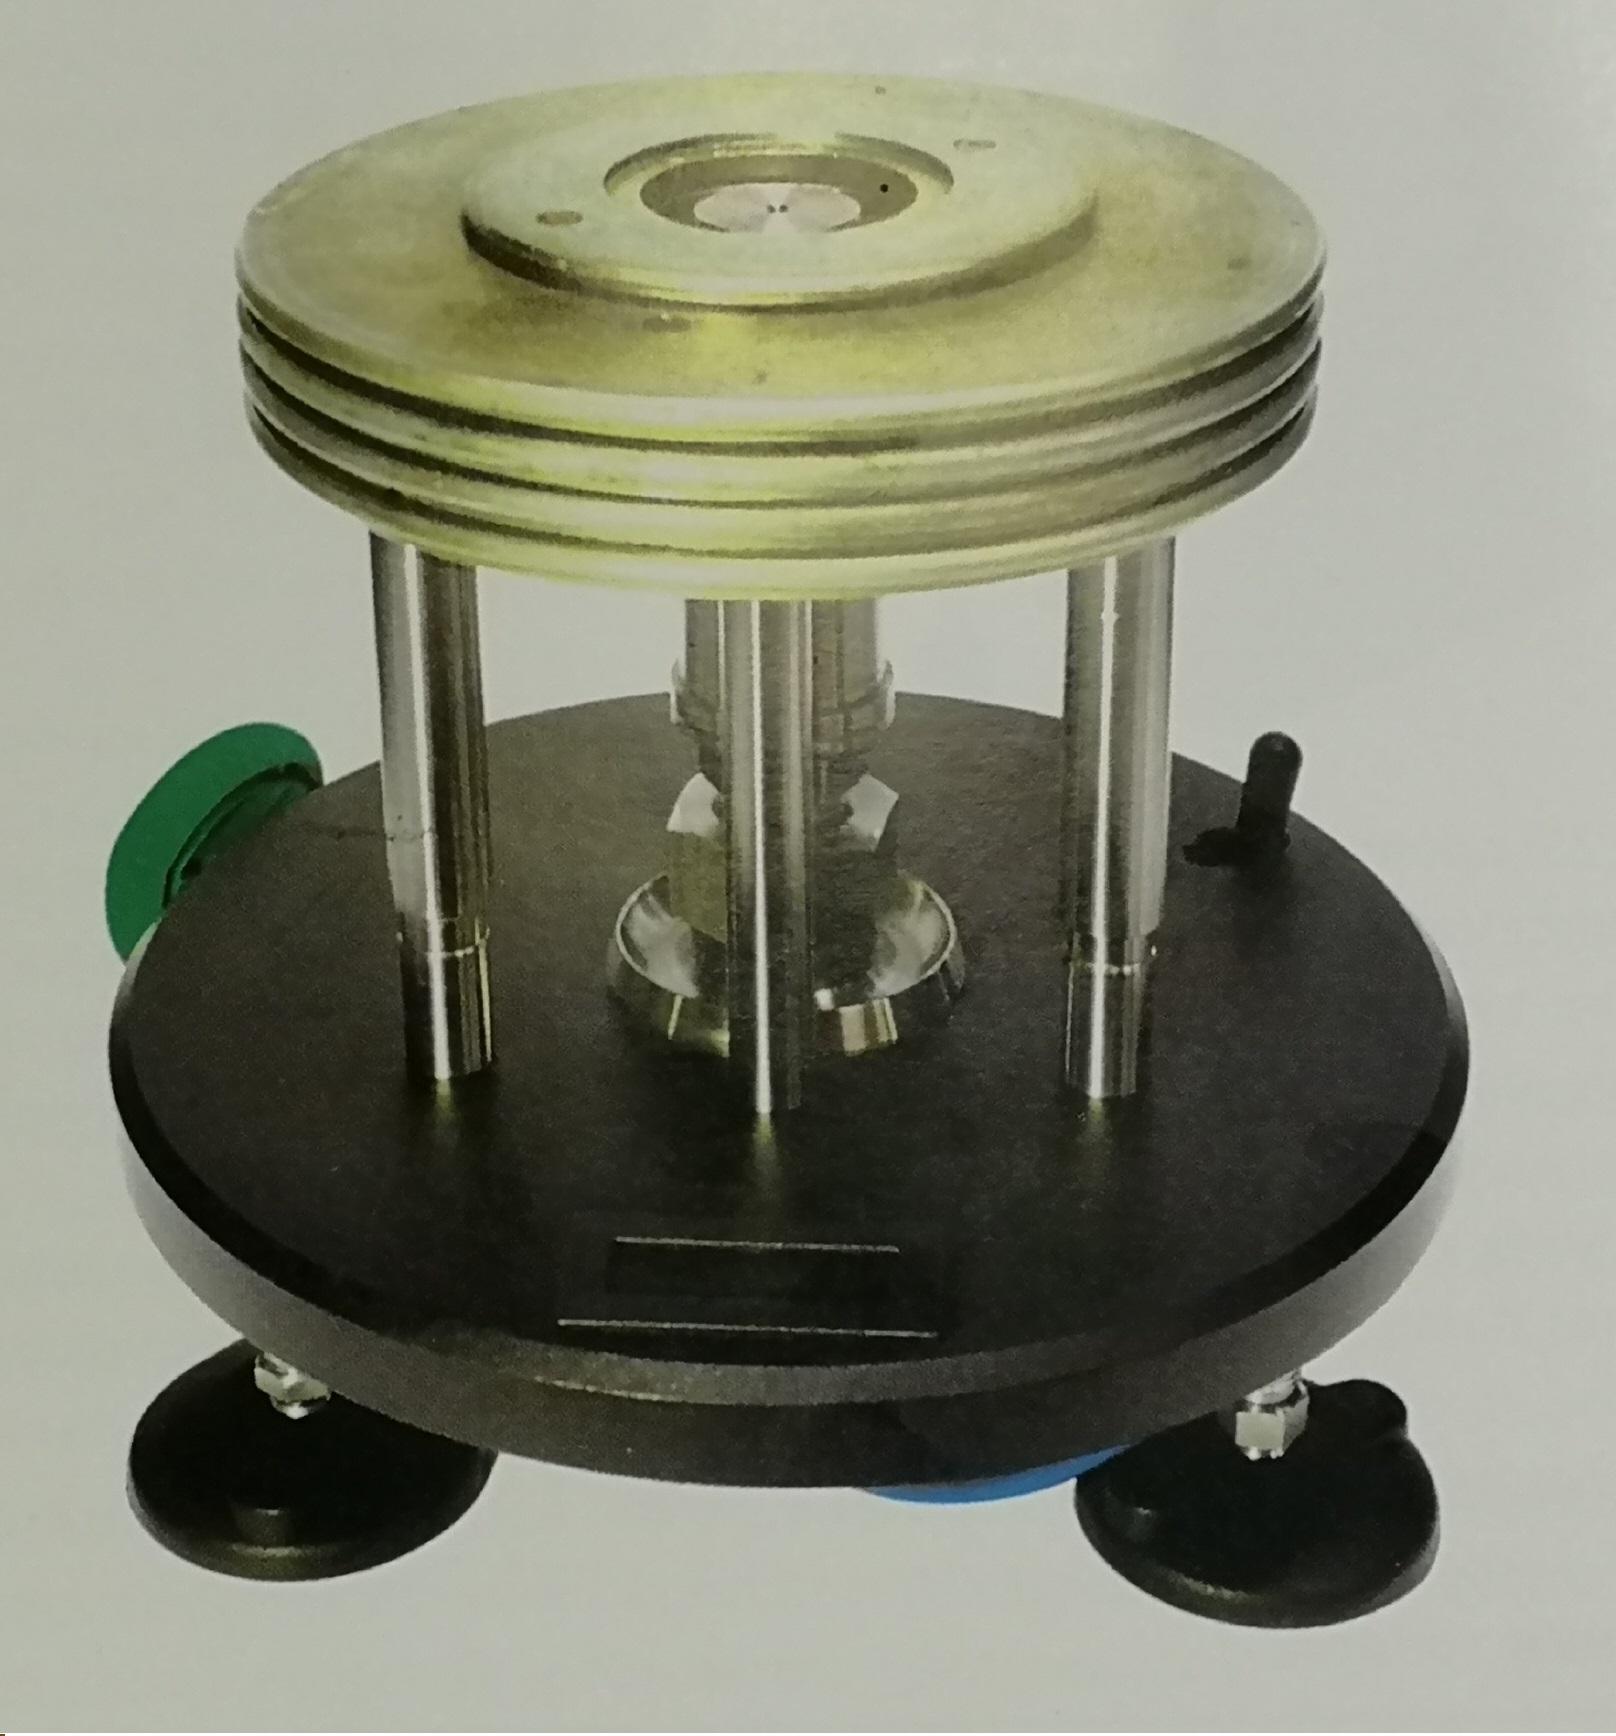 ПГК привод грузопоршневой колонки, ПГМ платформа для грузопоршневого манометра